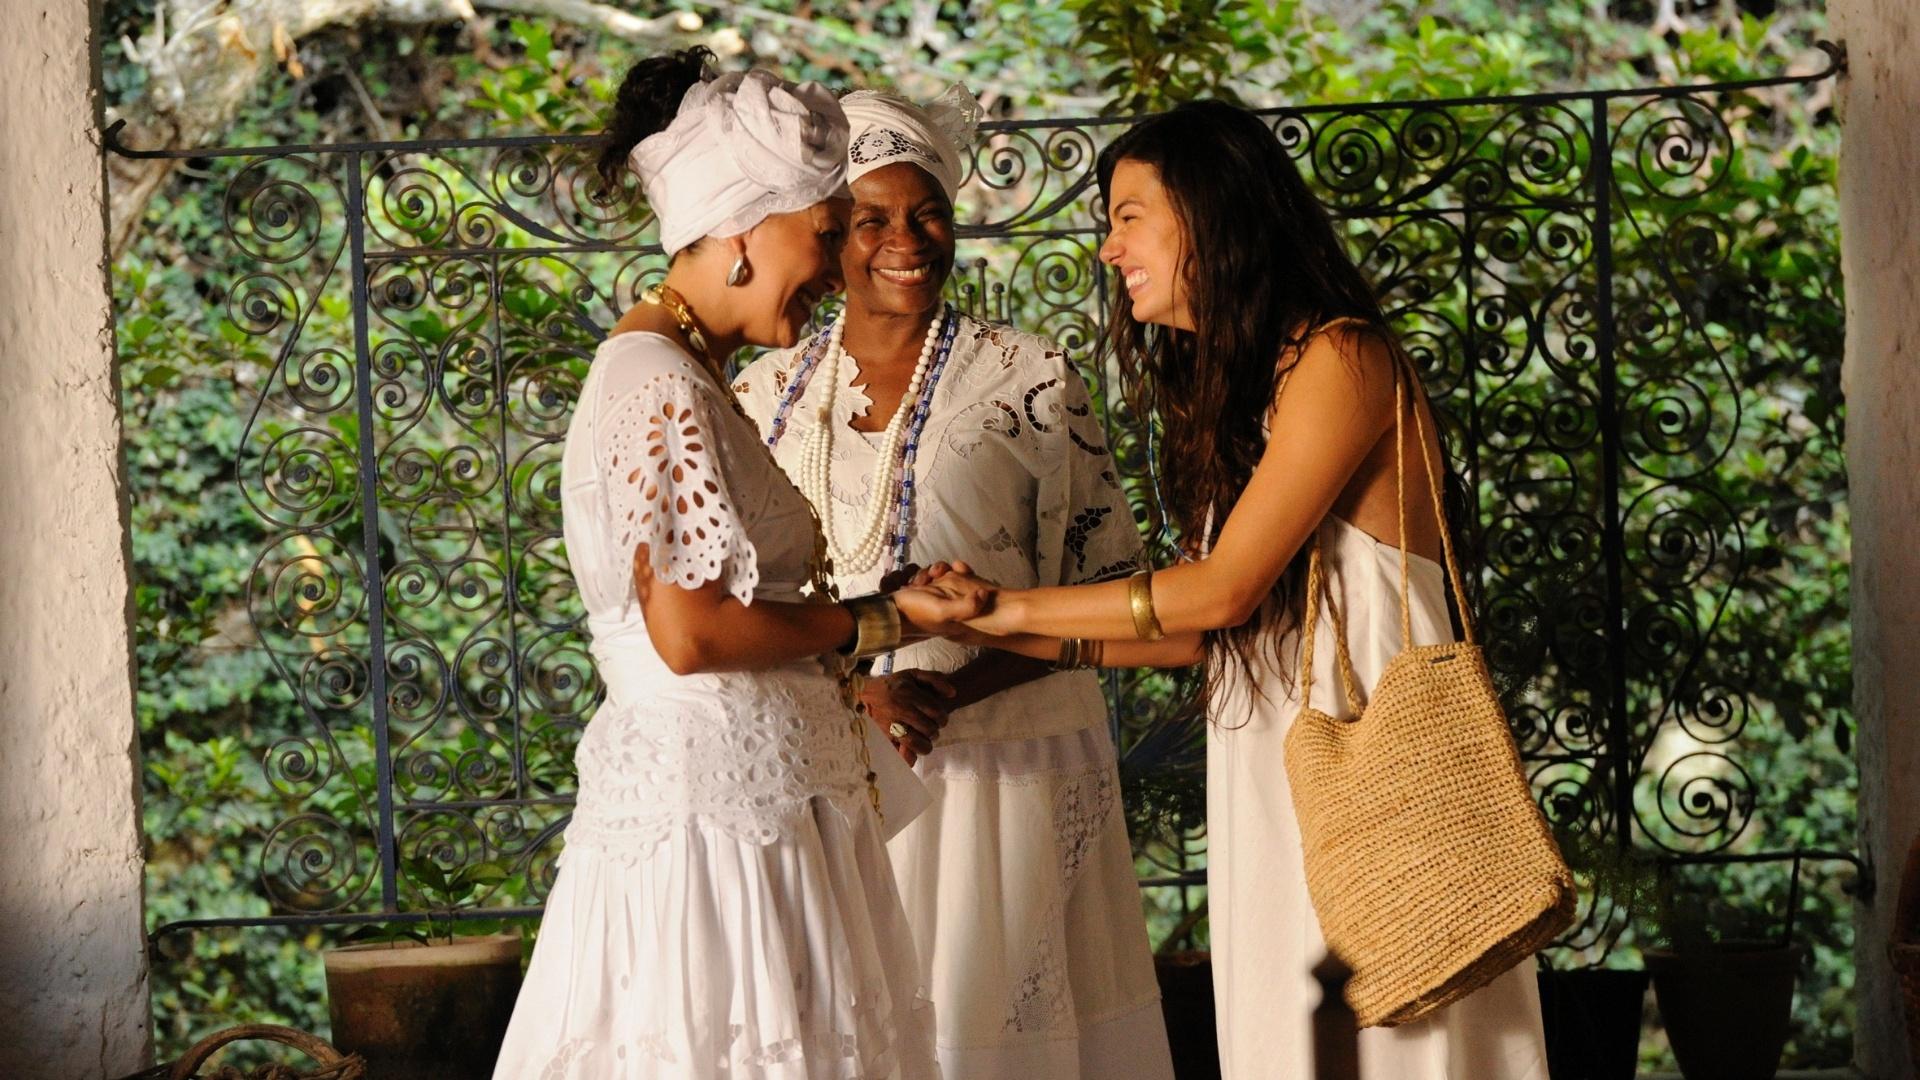 jan.2013 - Da esquerda para a direita, Fabiula Nascimento, Zezé Motta e Isis Valverde em cena de